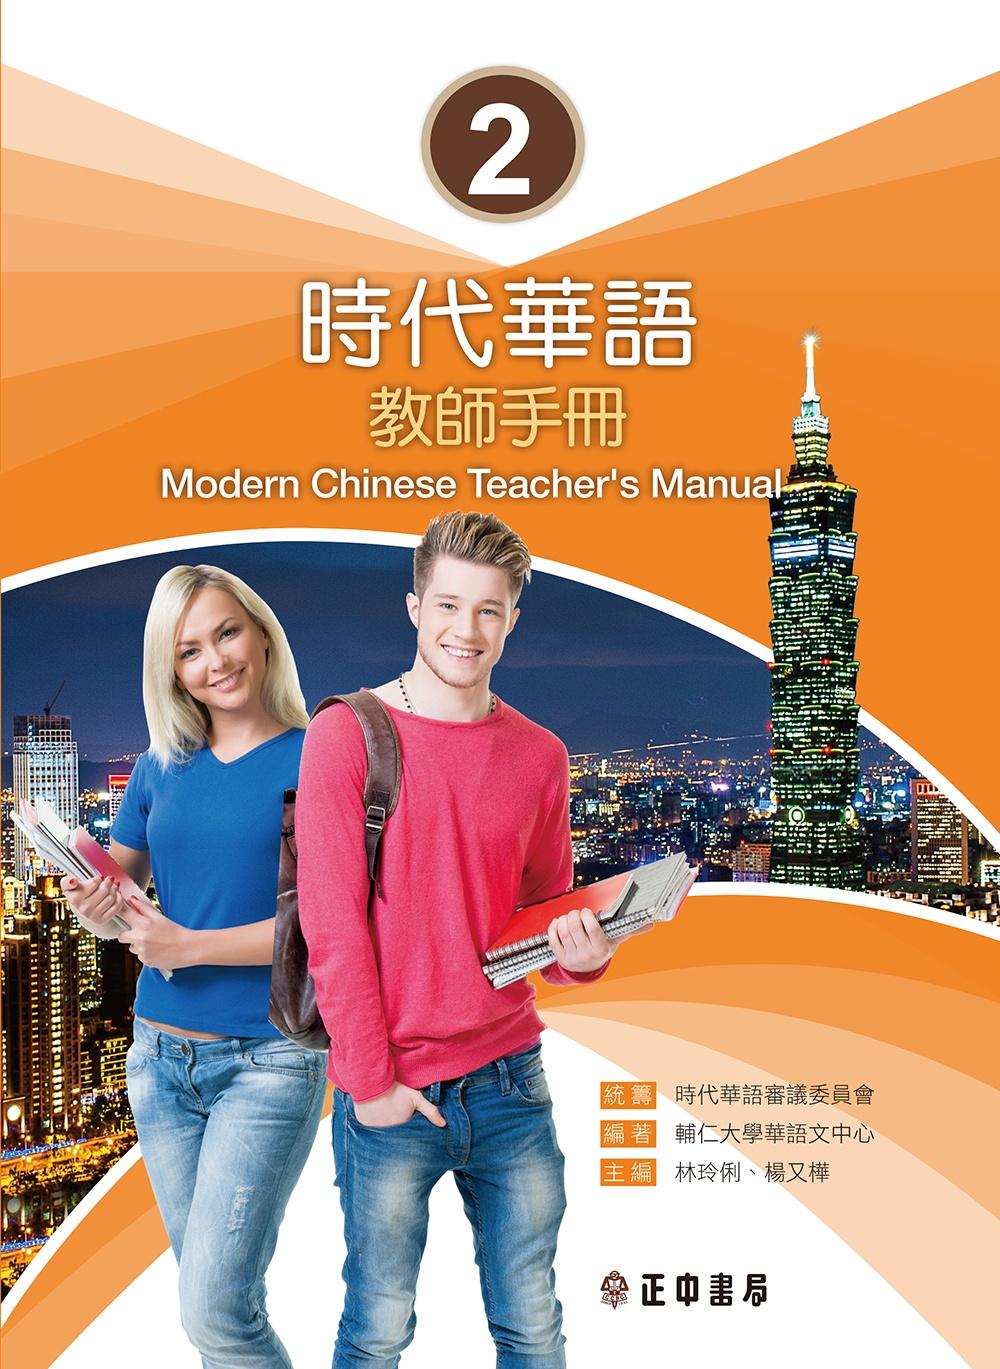 時代華語 2 教師手冊 Modern Chinese Teacher's Manual I